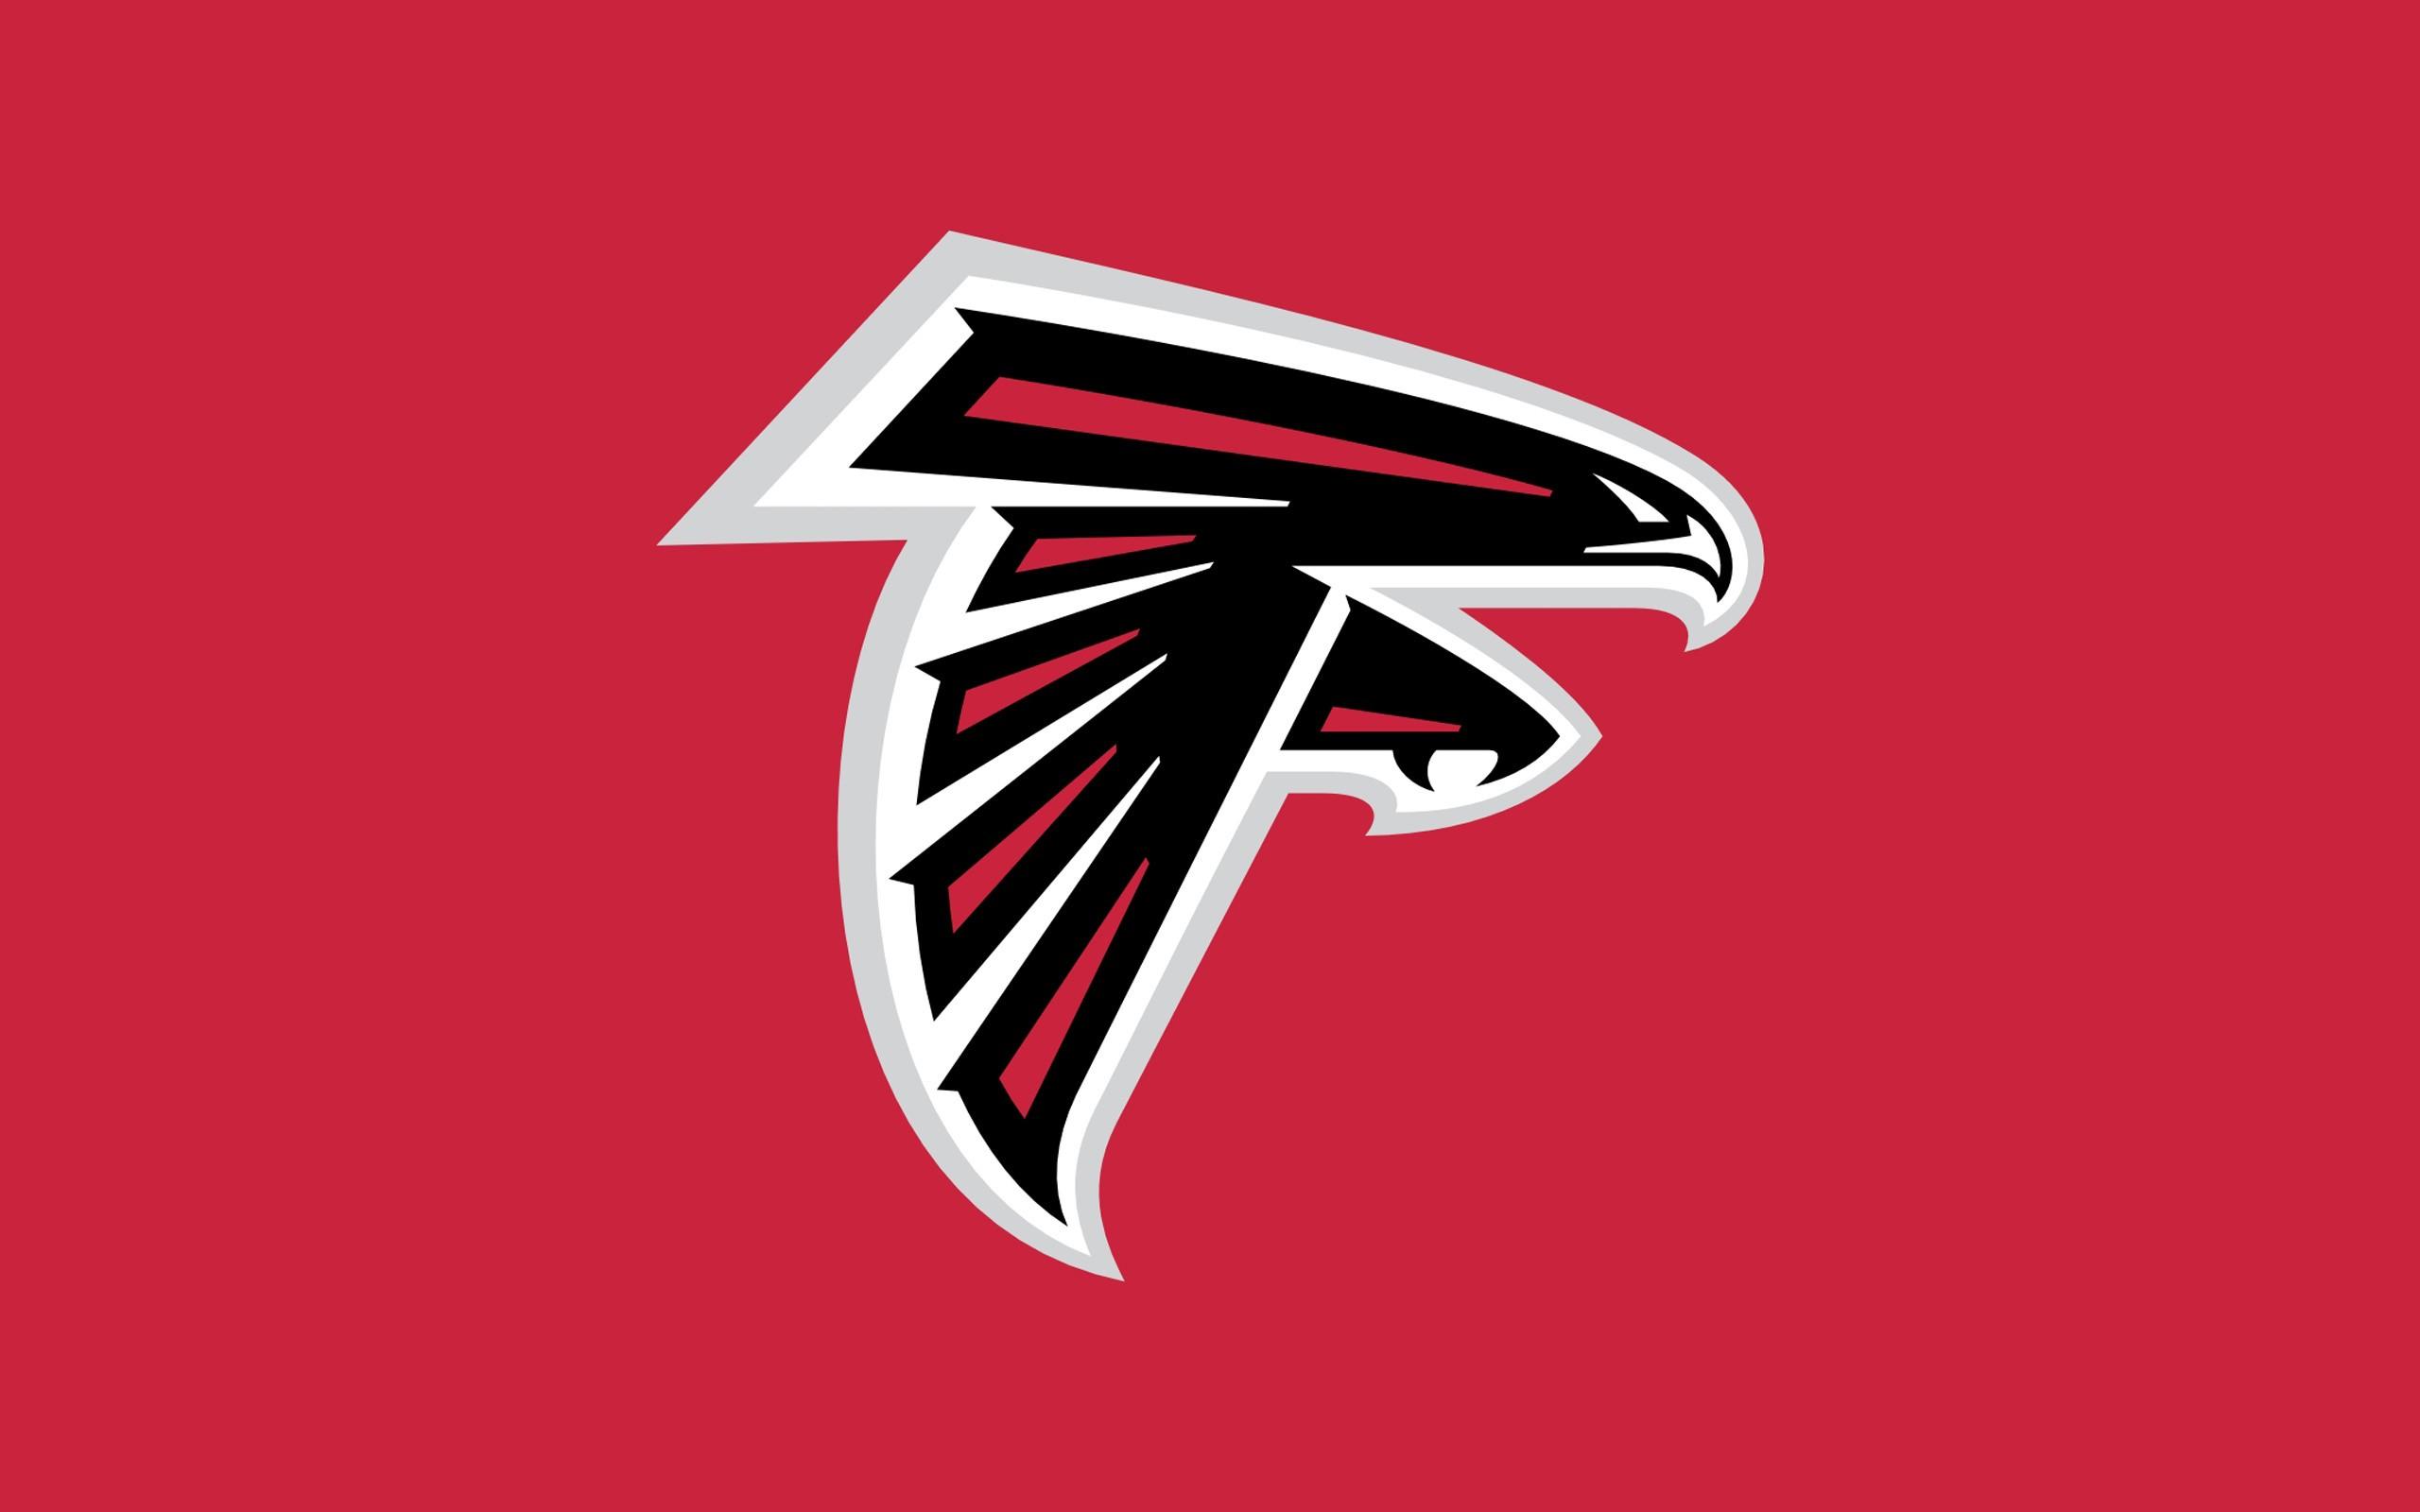 Falcon clip art 9